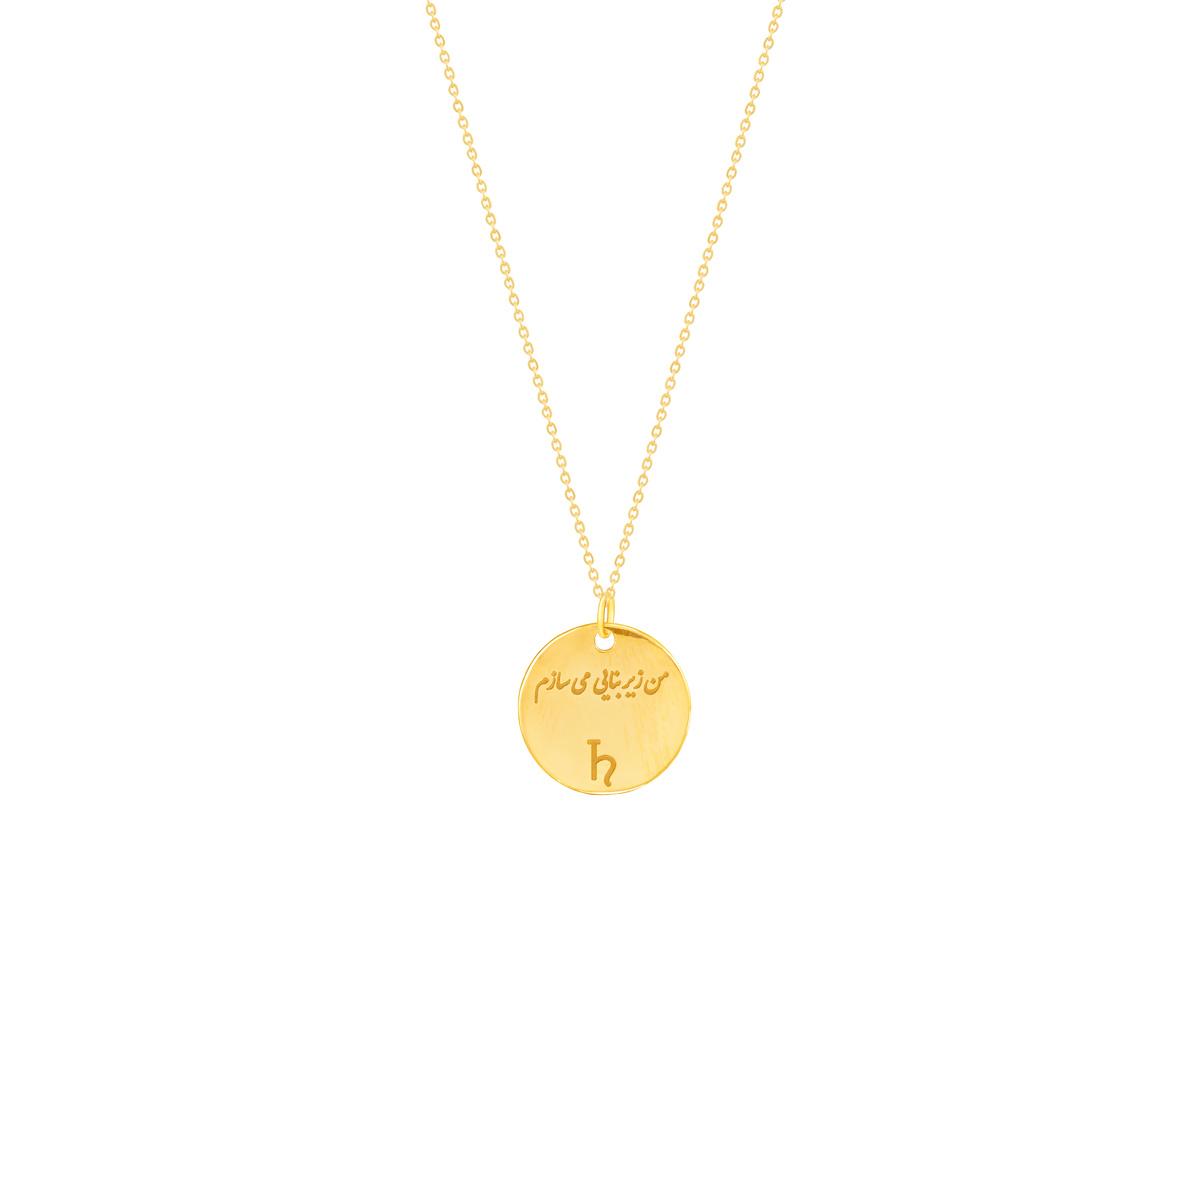 گردنبند طلا نماد ماه دی